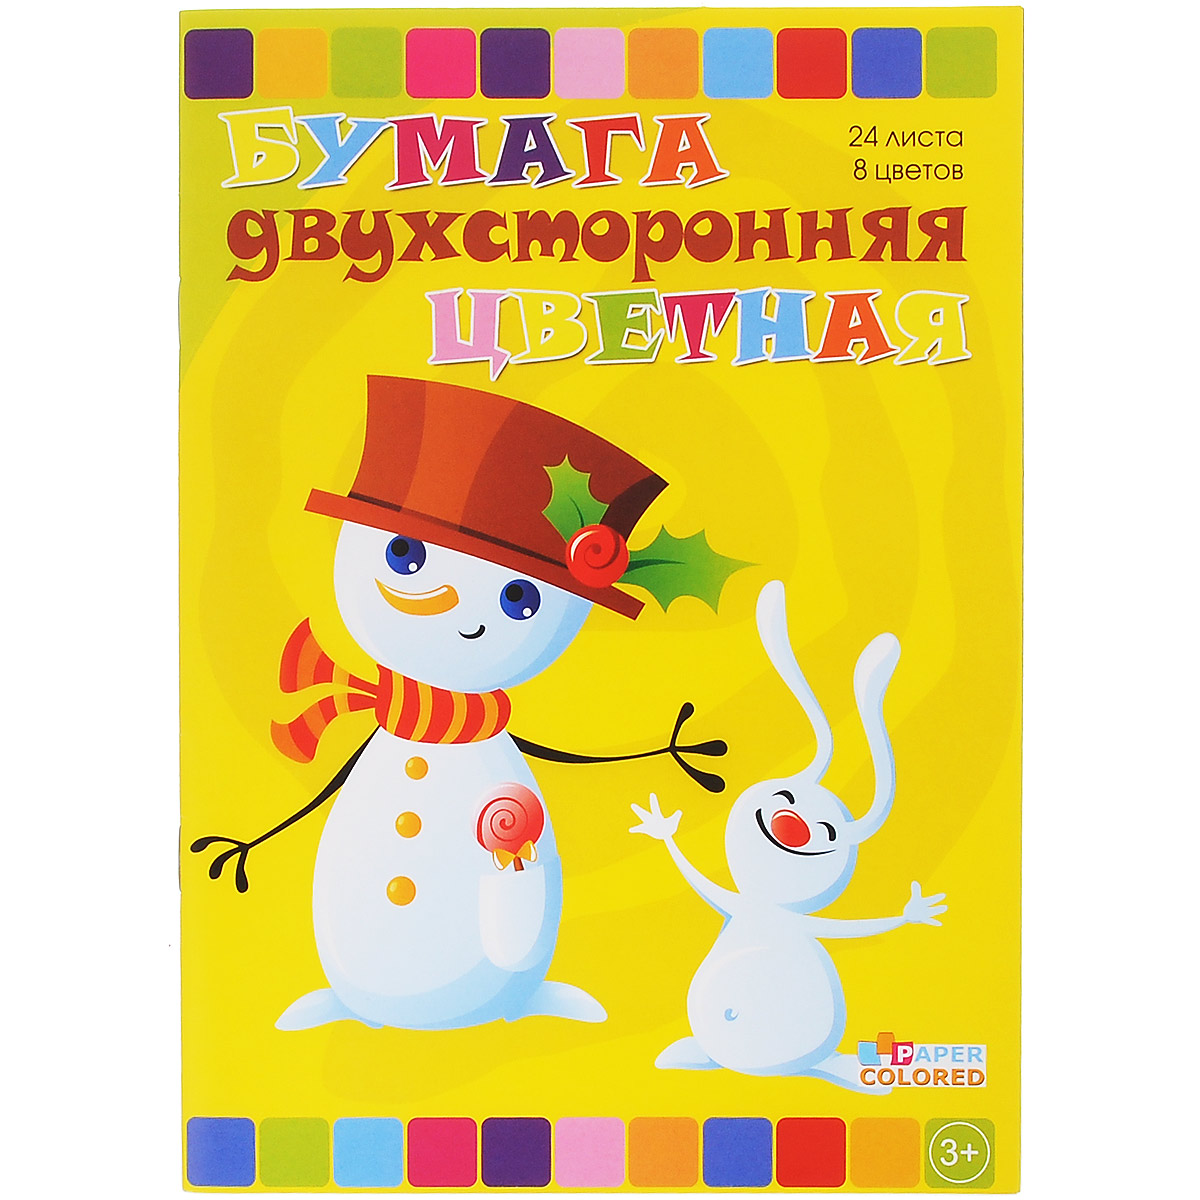 Цветная бумага Бриз, двухсторонняя, мелованная, 8 цветов. 1123-5061123-506Набор цветной бумаги Бриз идеально подойдет для творческих занятий в детском саду, школе и дома.В комплект входят 24 двухсторонних листа мелованной бумаги голубого, зеленого, малинового, коричневого, оранжевого, розового, красного и черного цветов. Бумага поставляется в виде альбома. Мелованная бумага имеет преимущество над обыкновенной, ее цвета значительно ярче. Широта возможностей применения приятно удивит самого взыскательного маленького творца. Рекомендуемый возраст от 3 лет.